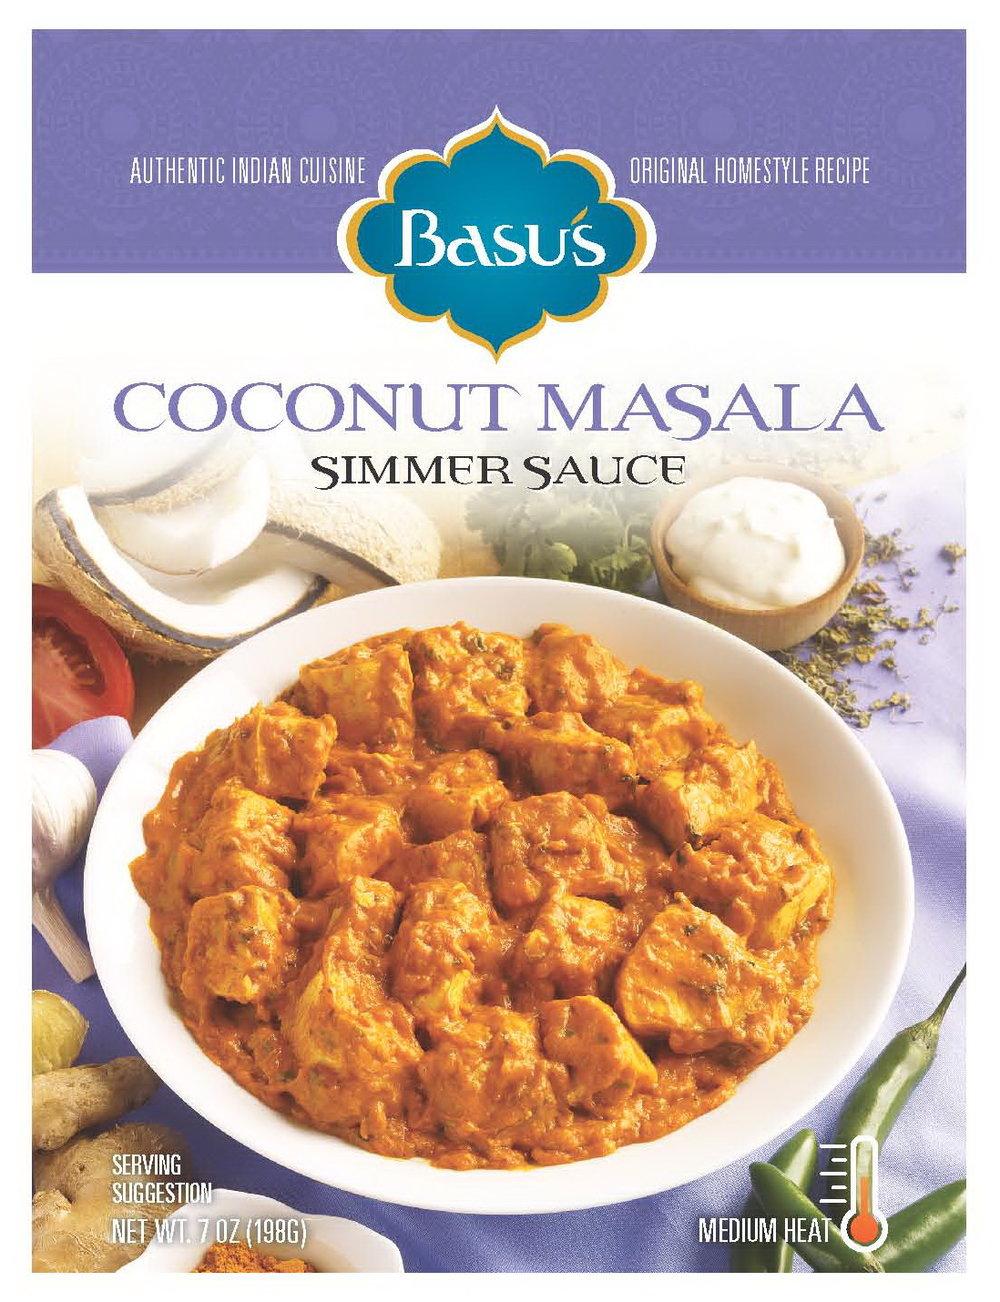 Coconut Masala Simmer Sauce